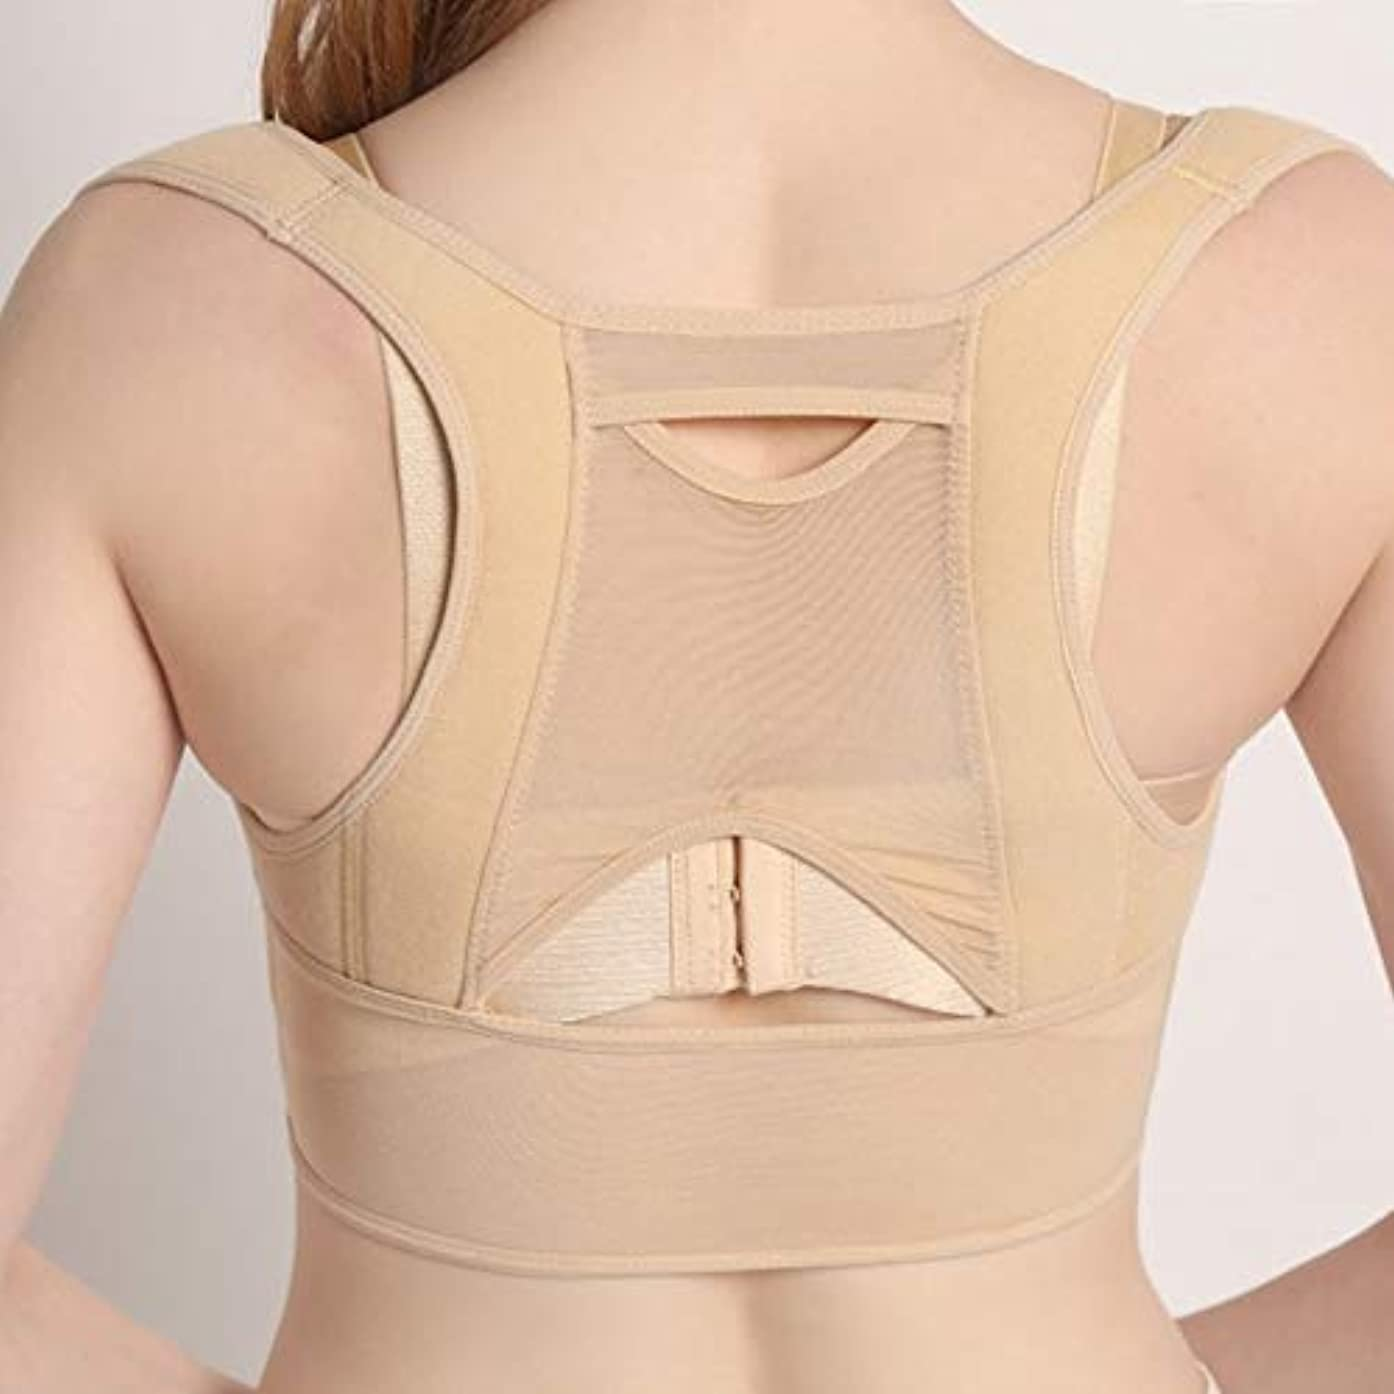 チャンピオンすすり泣き等通気性のある女性の背中の姿勢矯正コルセット整形外科の背中の肩の背骨の姿勢矯正腰椎サポート - ベージュホワイトL